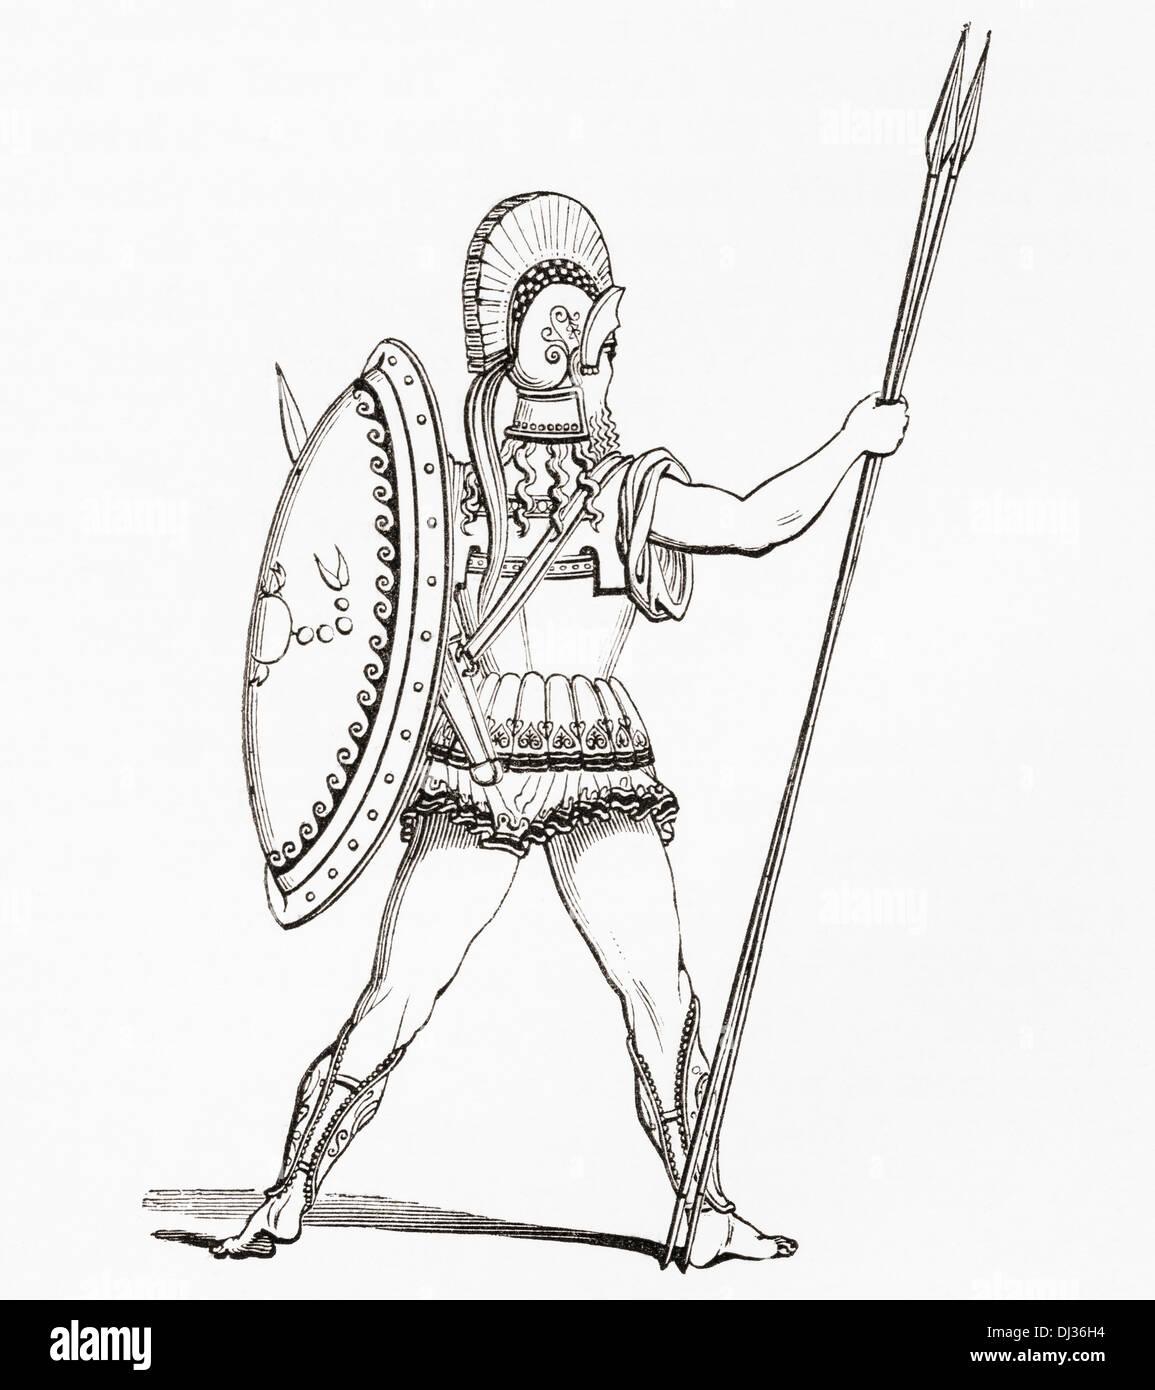 Armati pesantemente e guerriero greco vestito per la battaglia. Immagini Stock